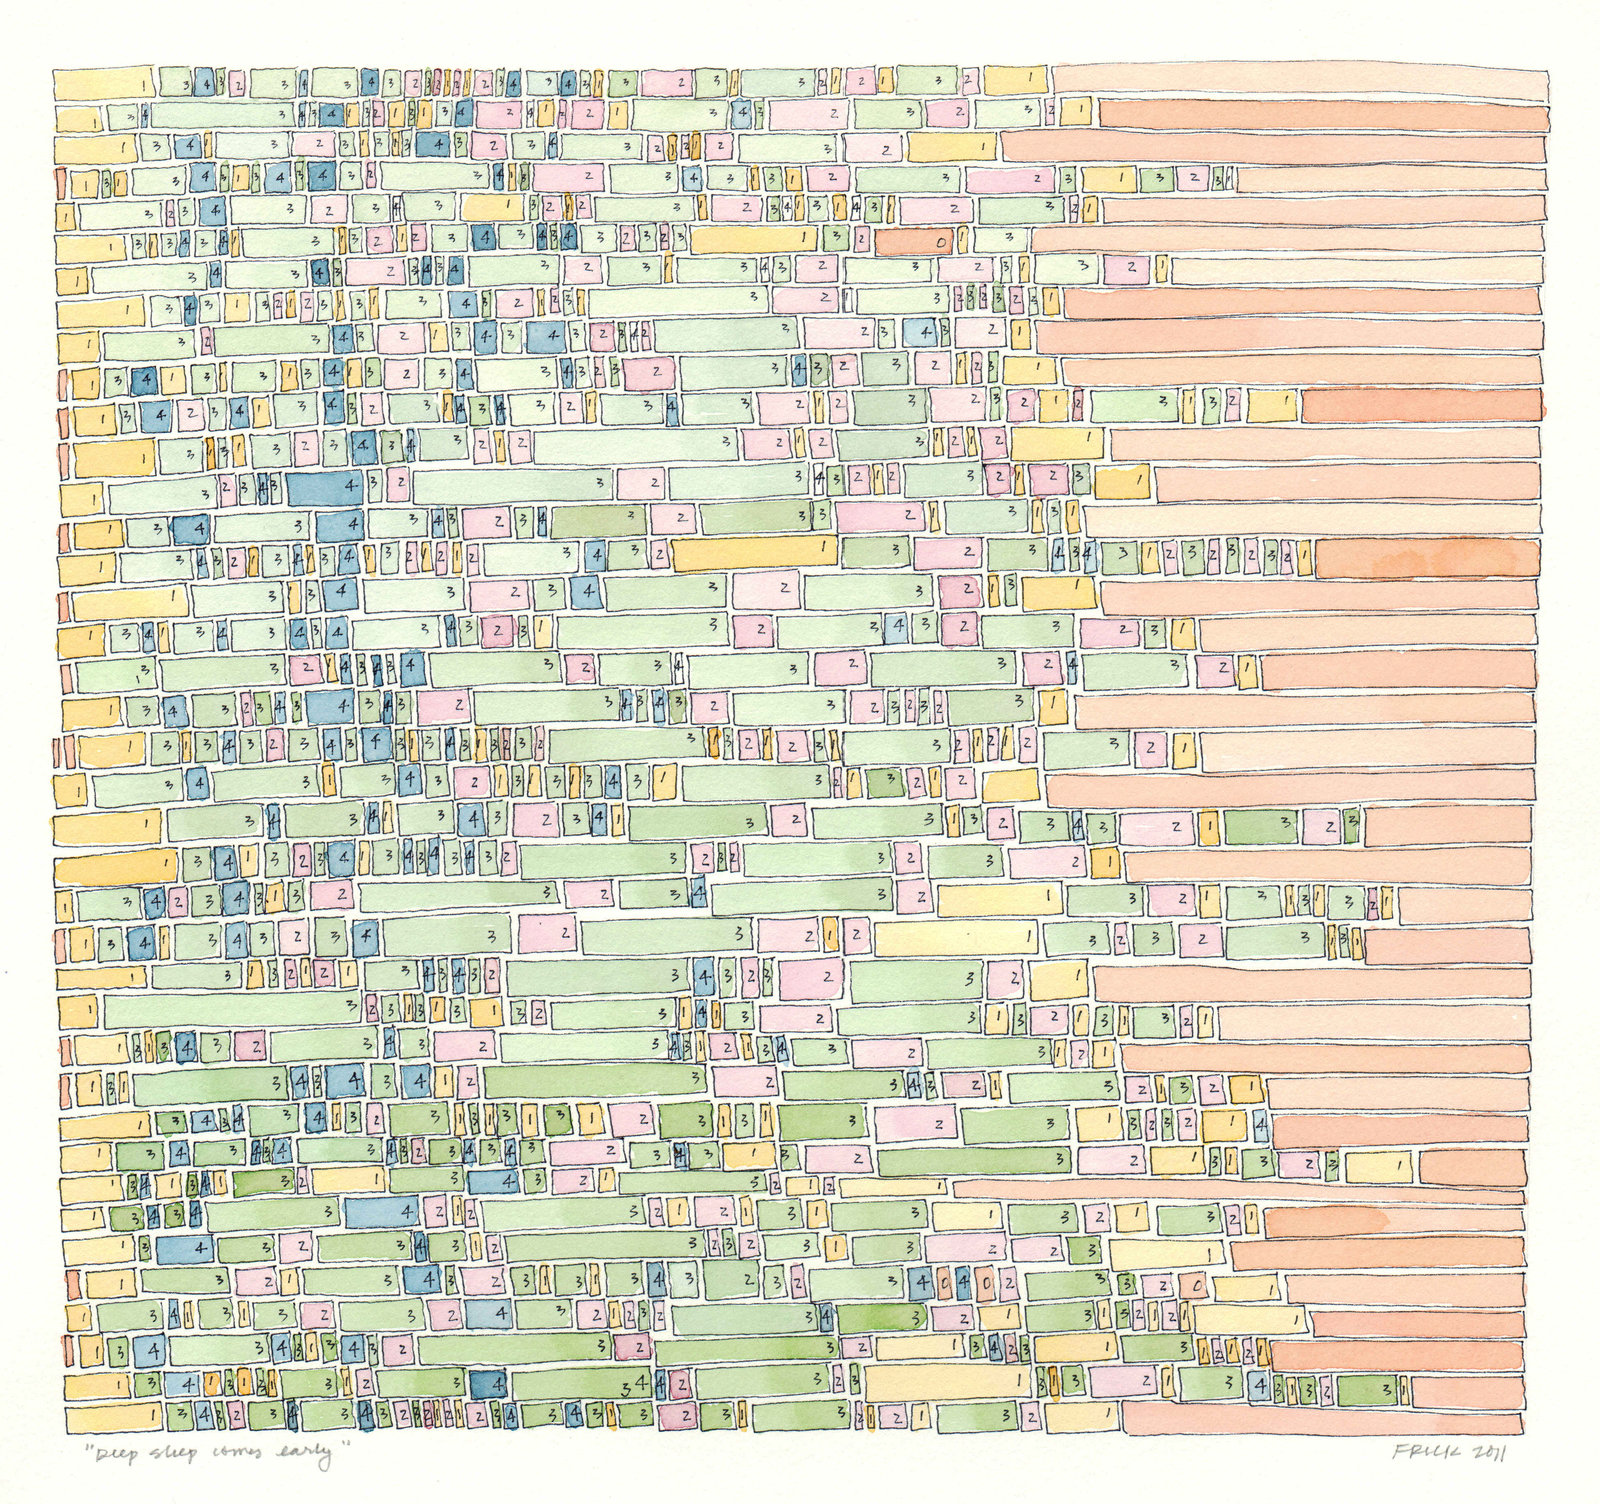 让大数据可视化,艺术家想用它帮我们选择更好的朋友